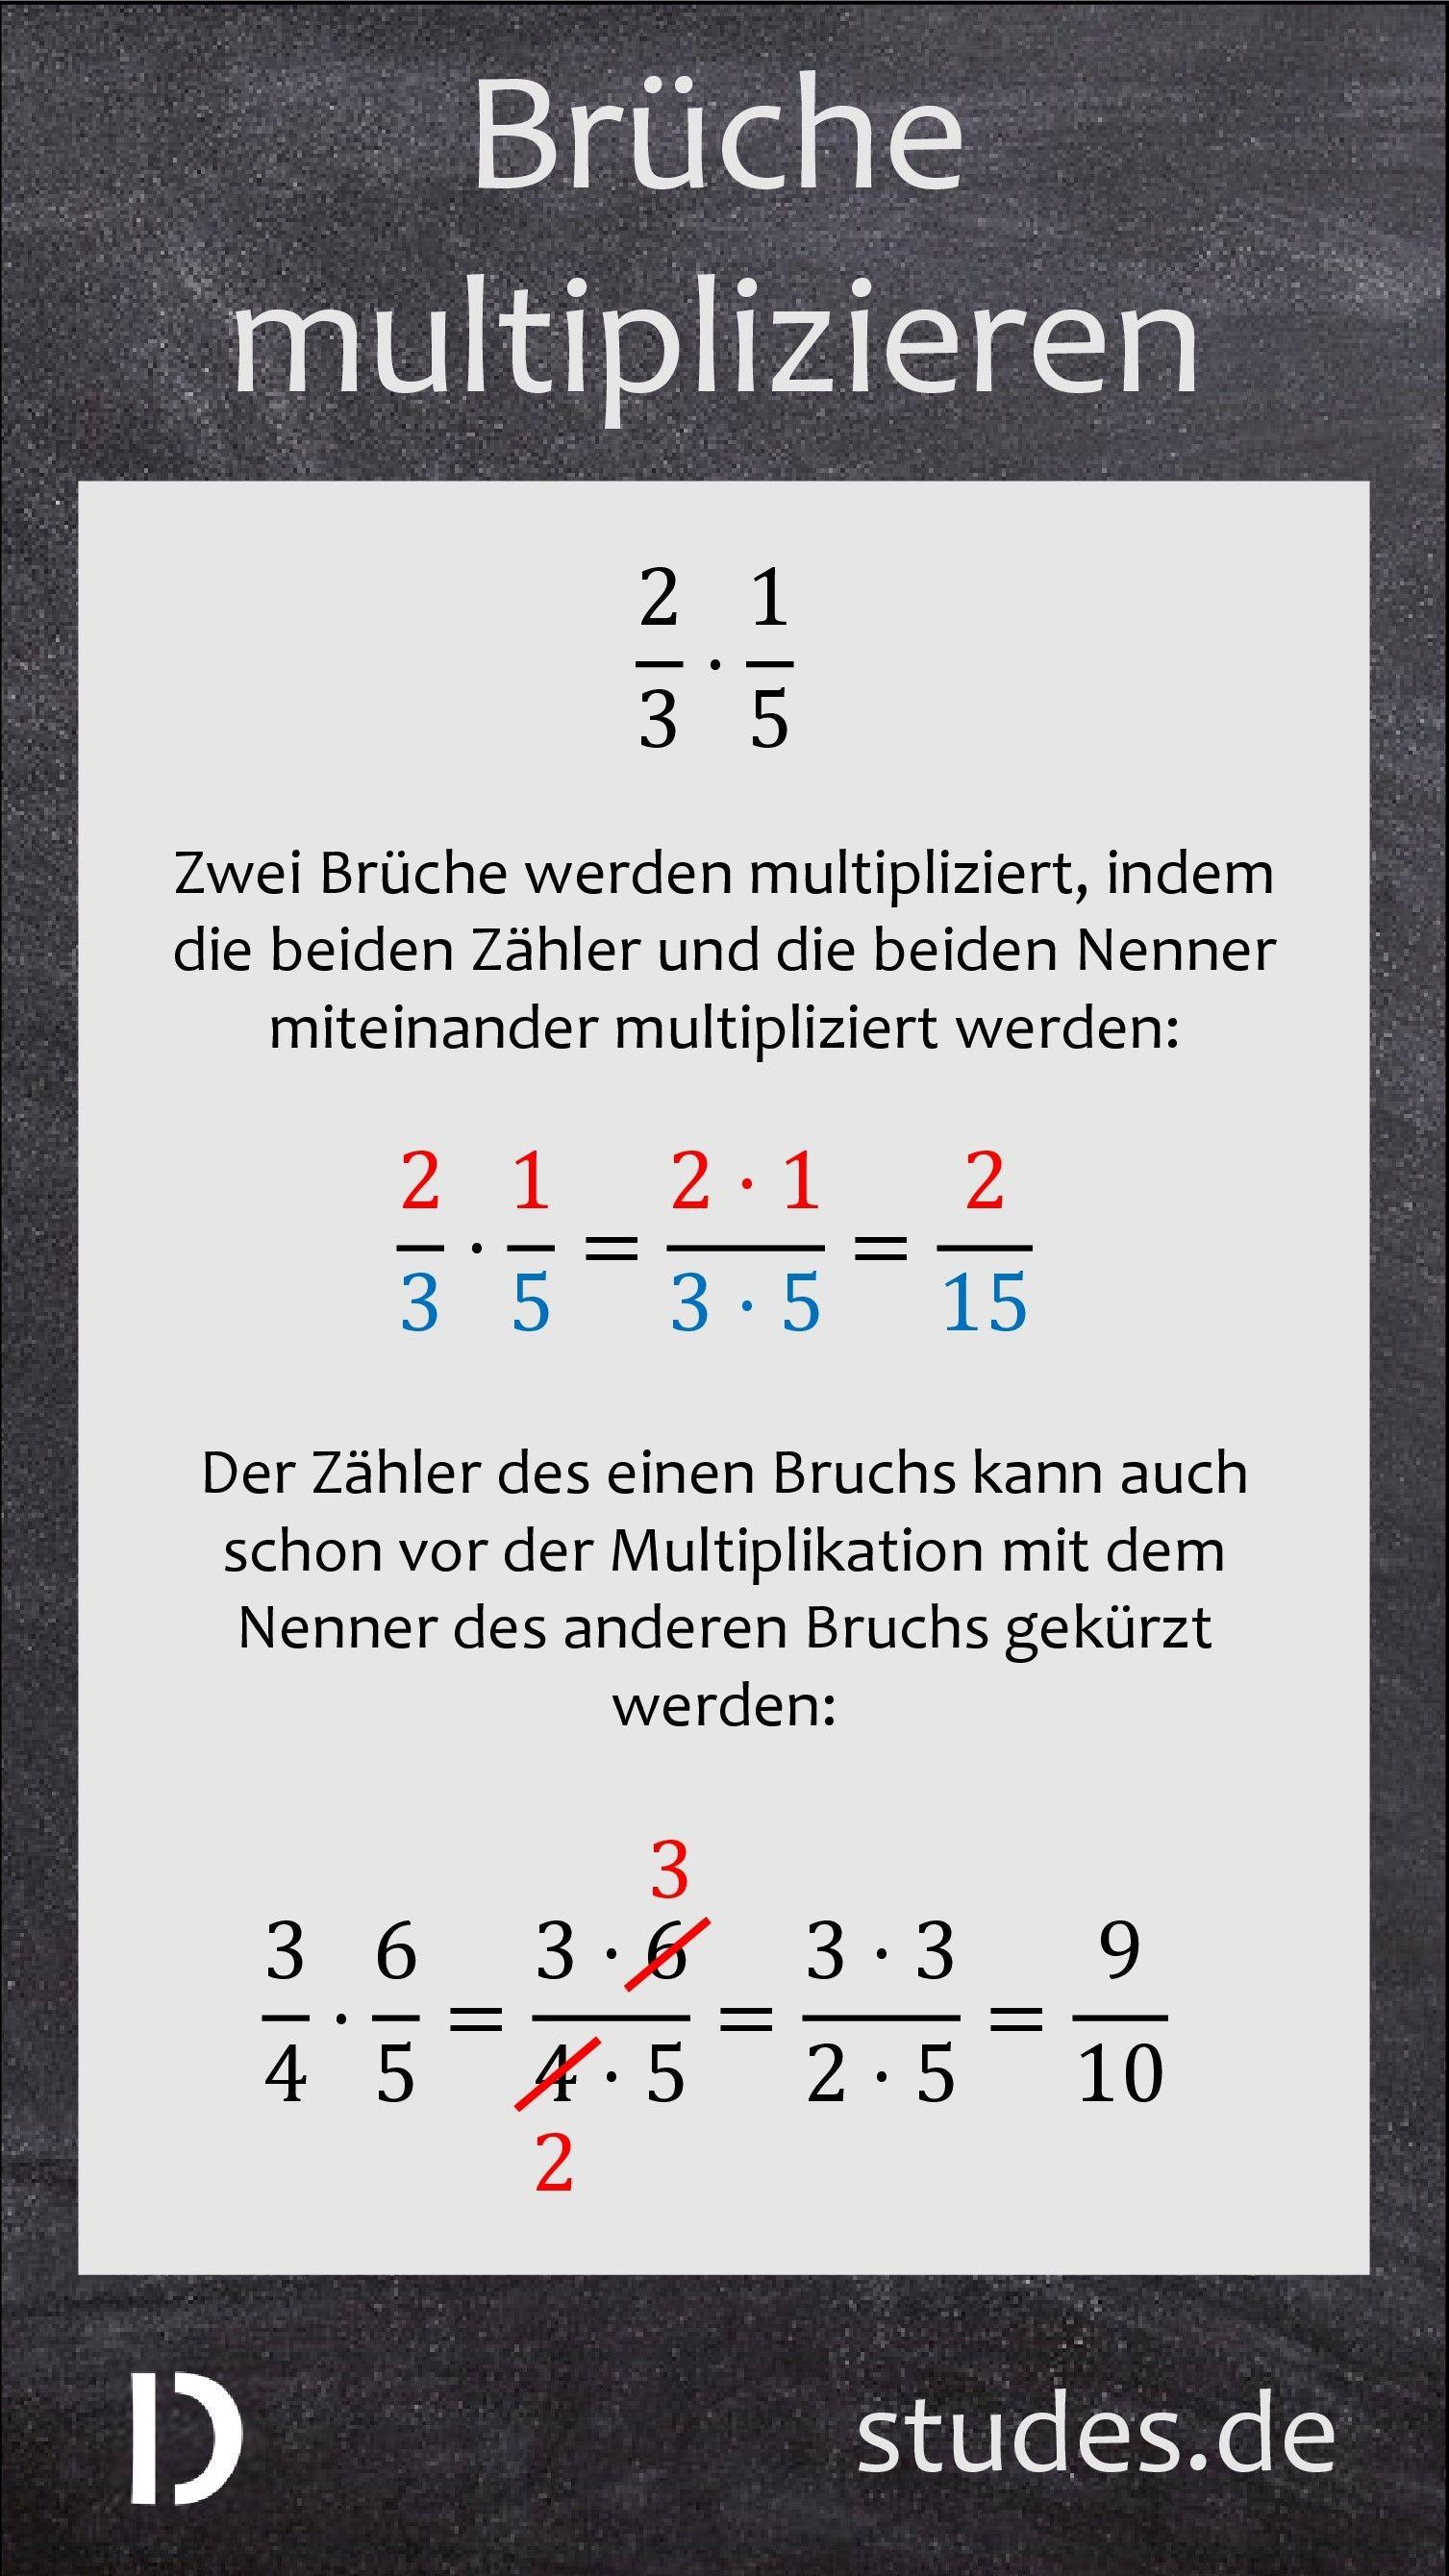 Brüche multiplizieren: Zwei Brüche werden miteinander multipliziert ...